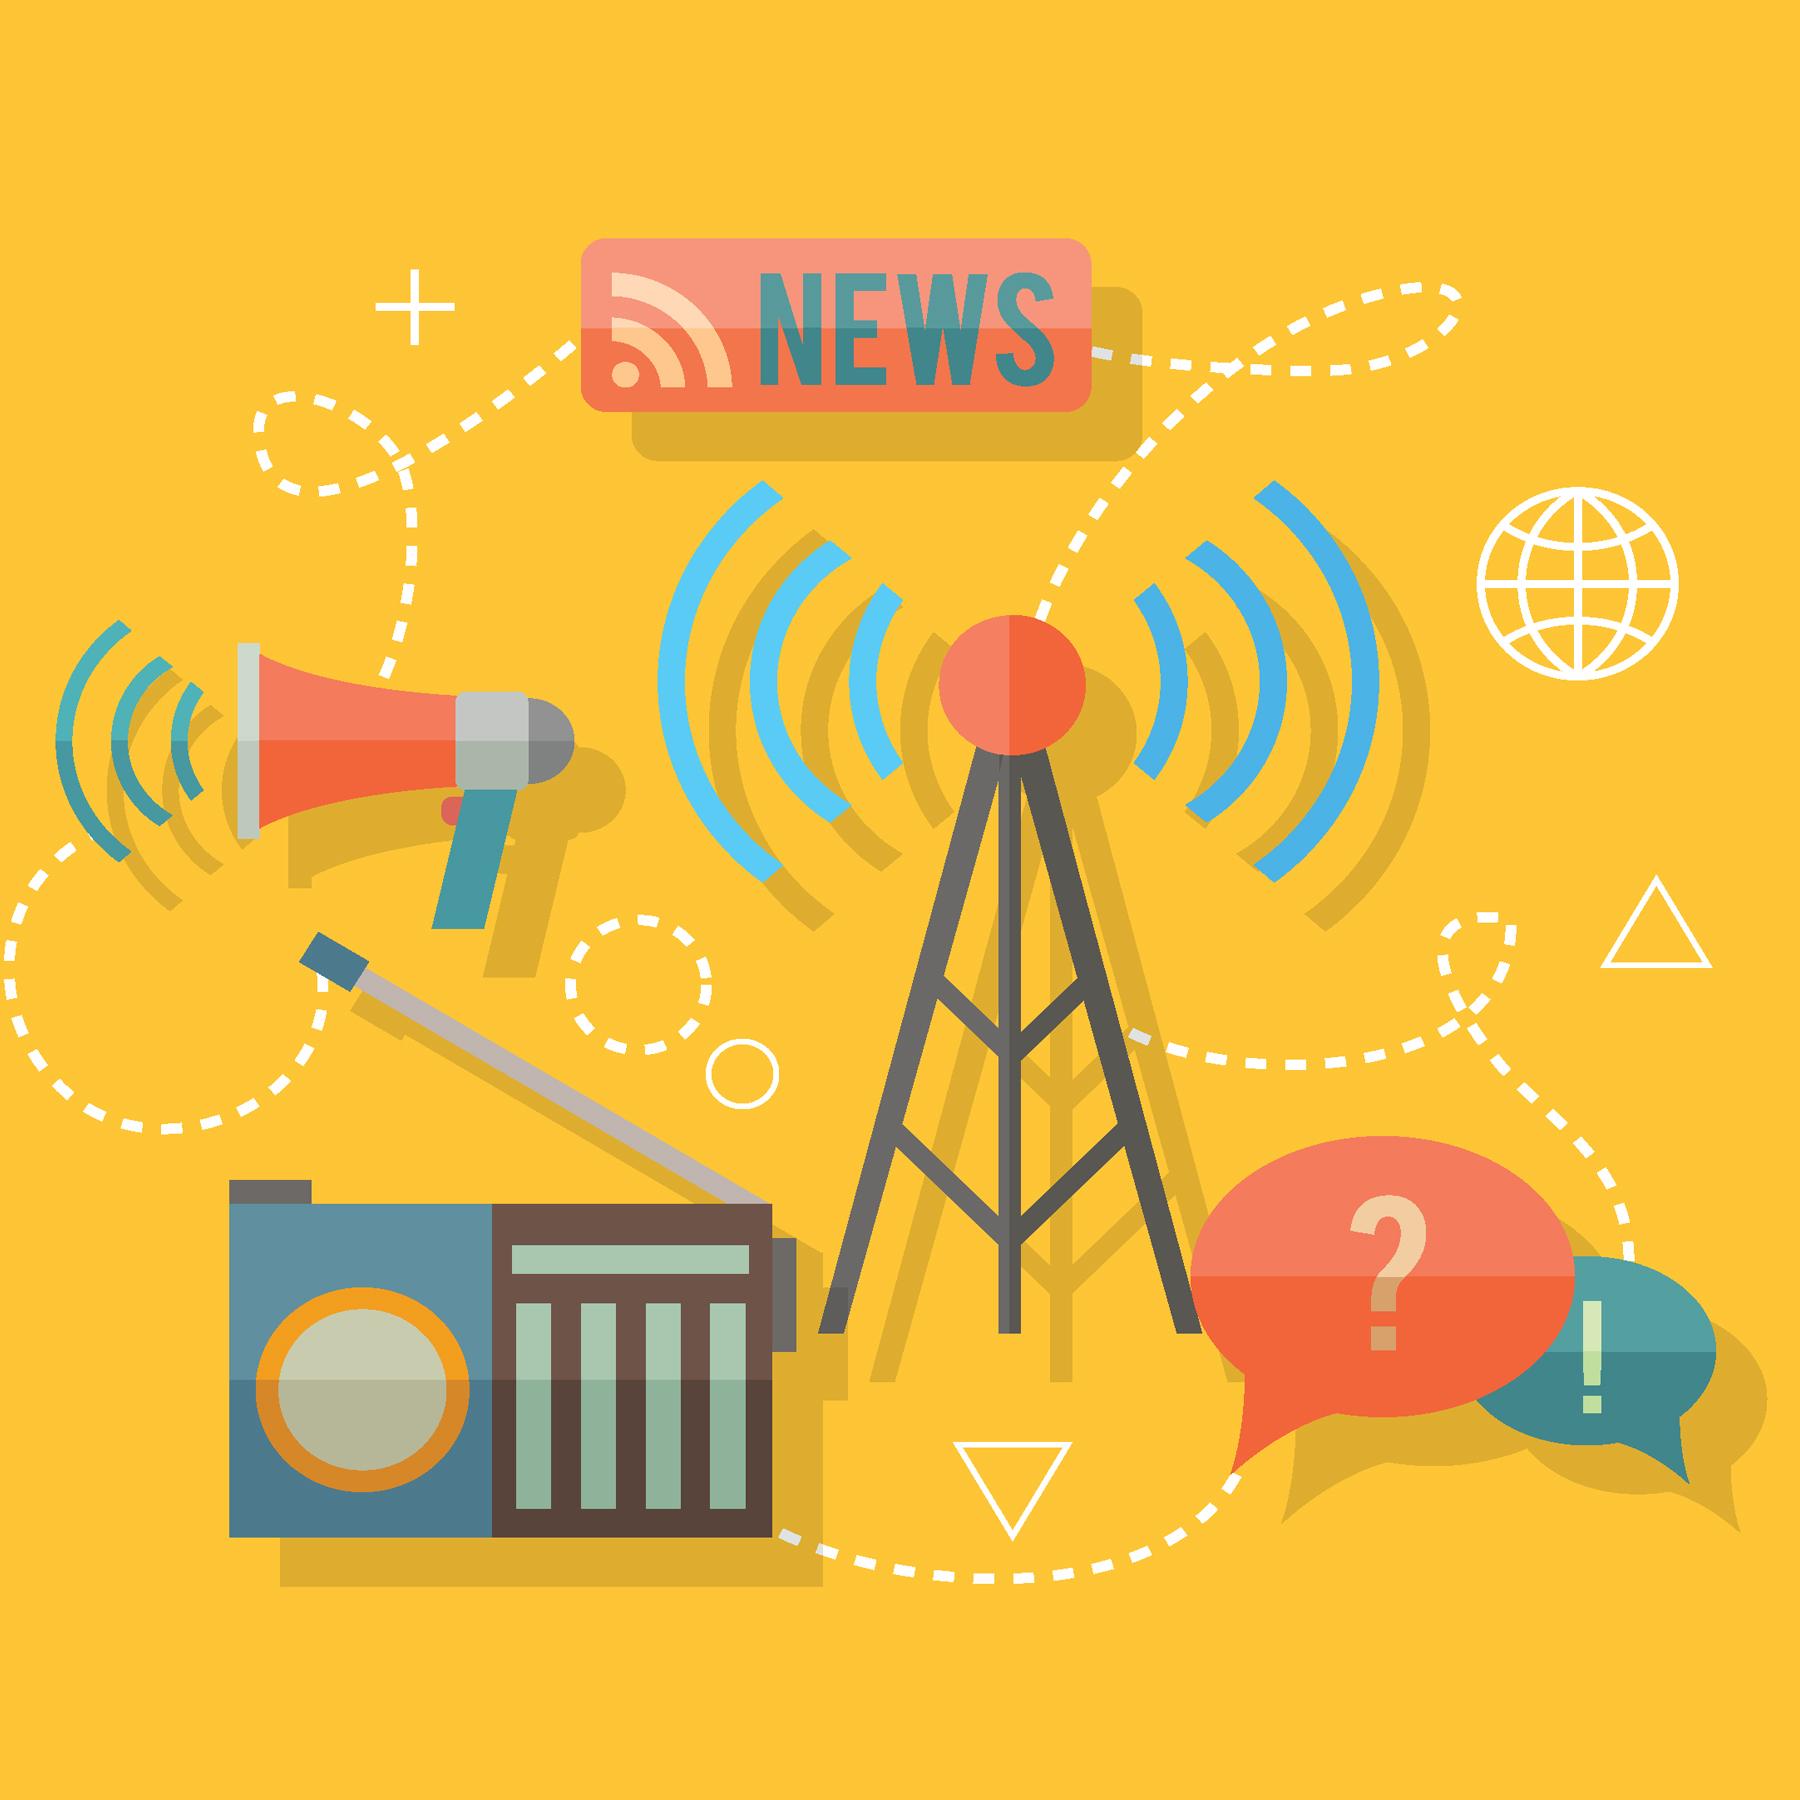 News broadcast on radio and megaphone